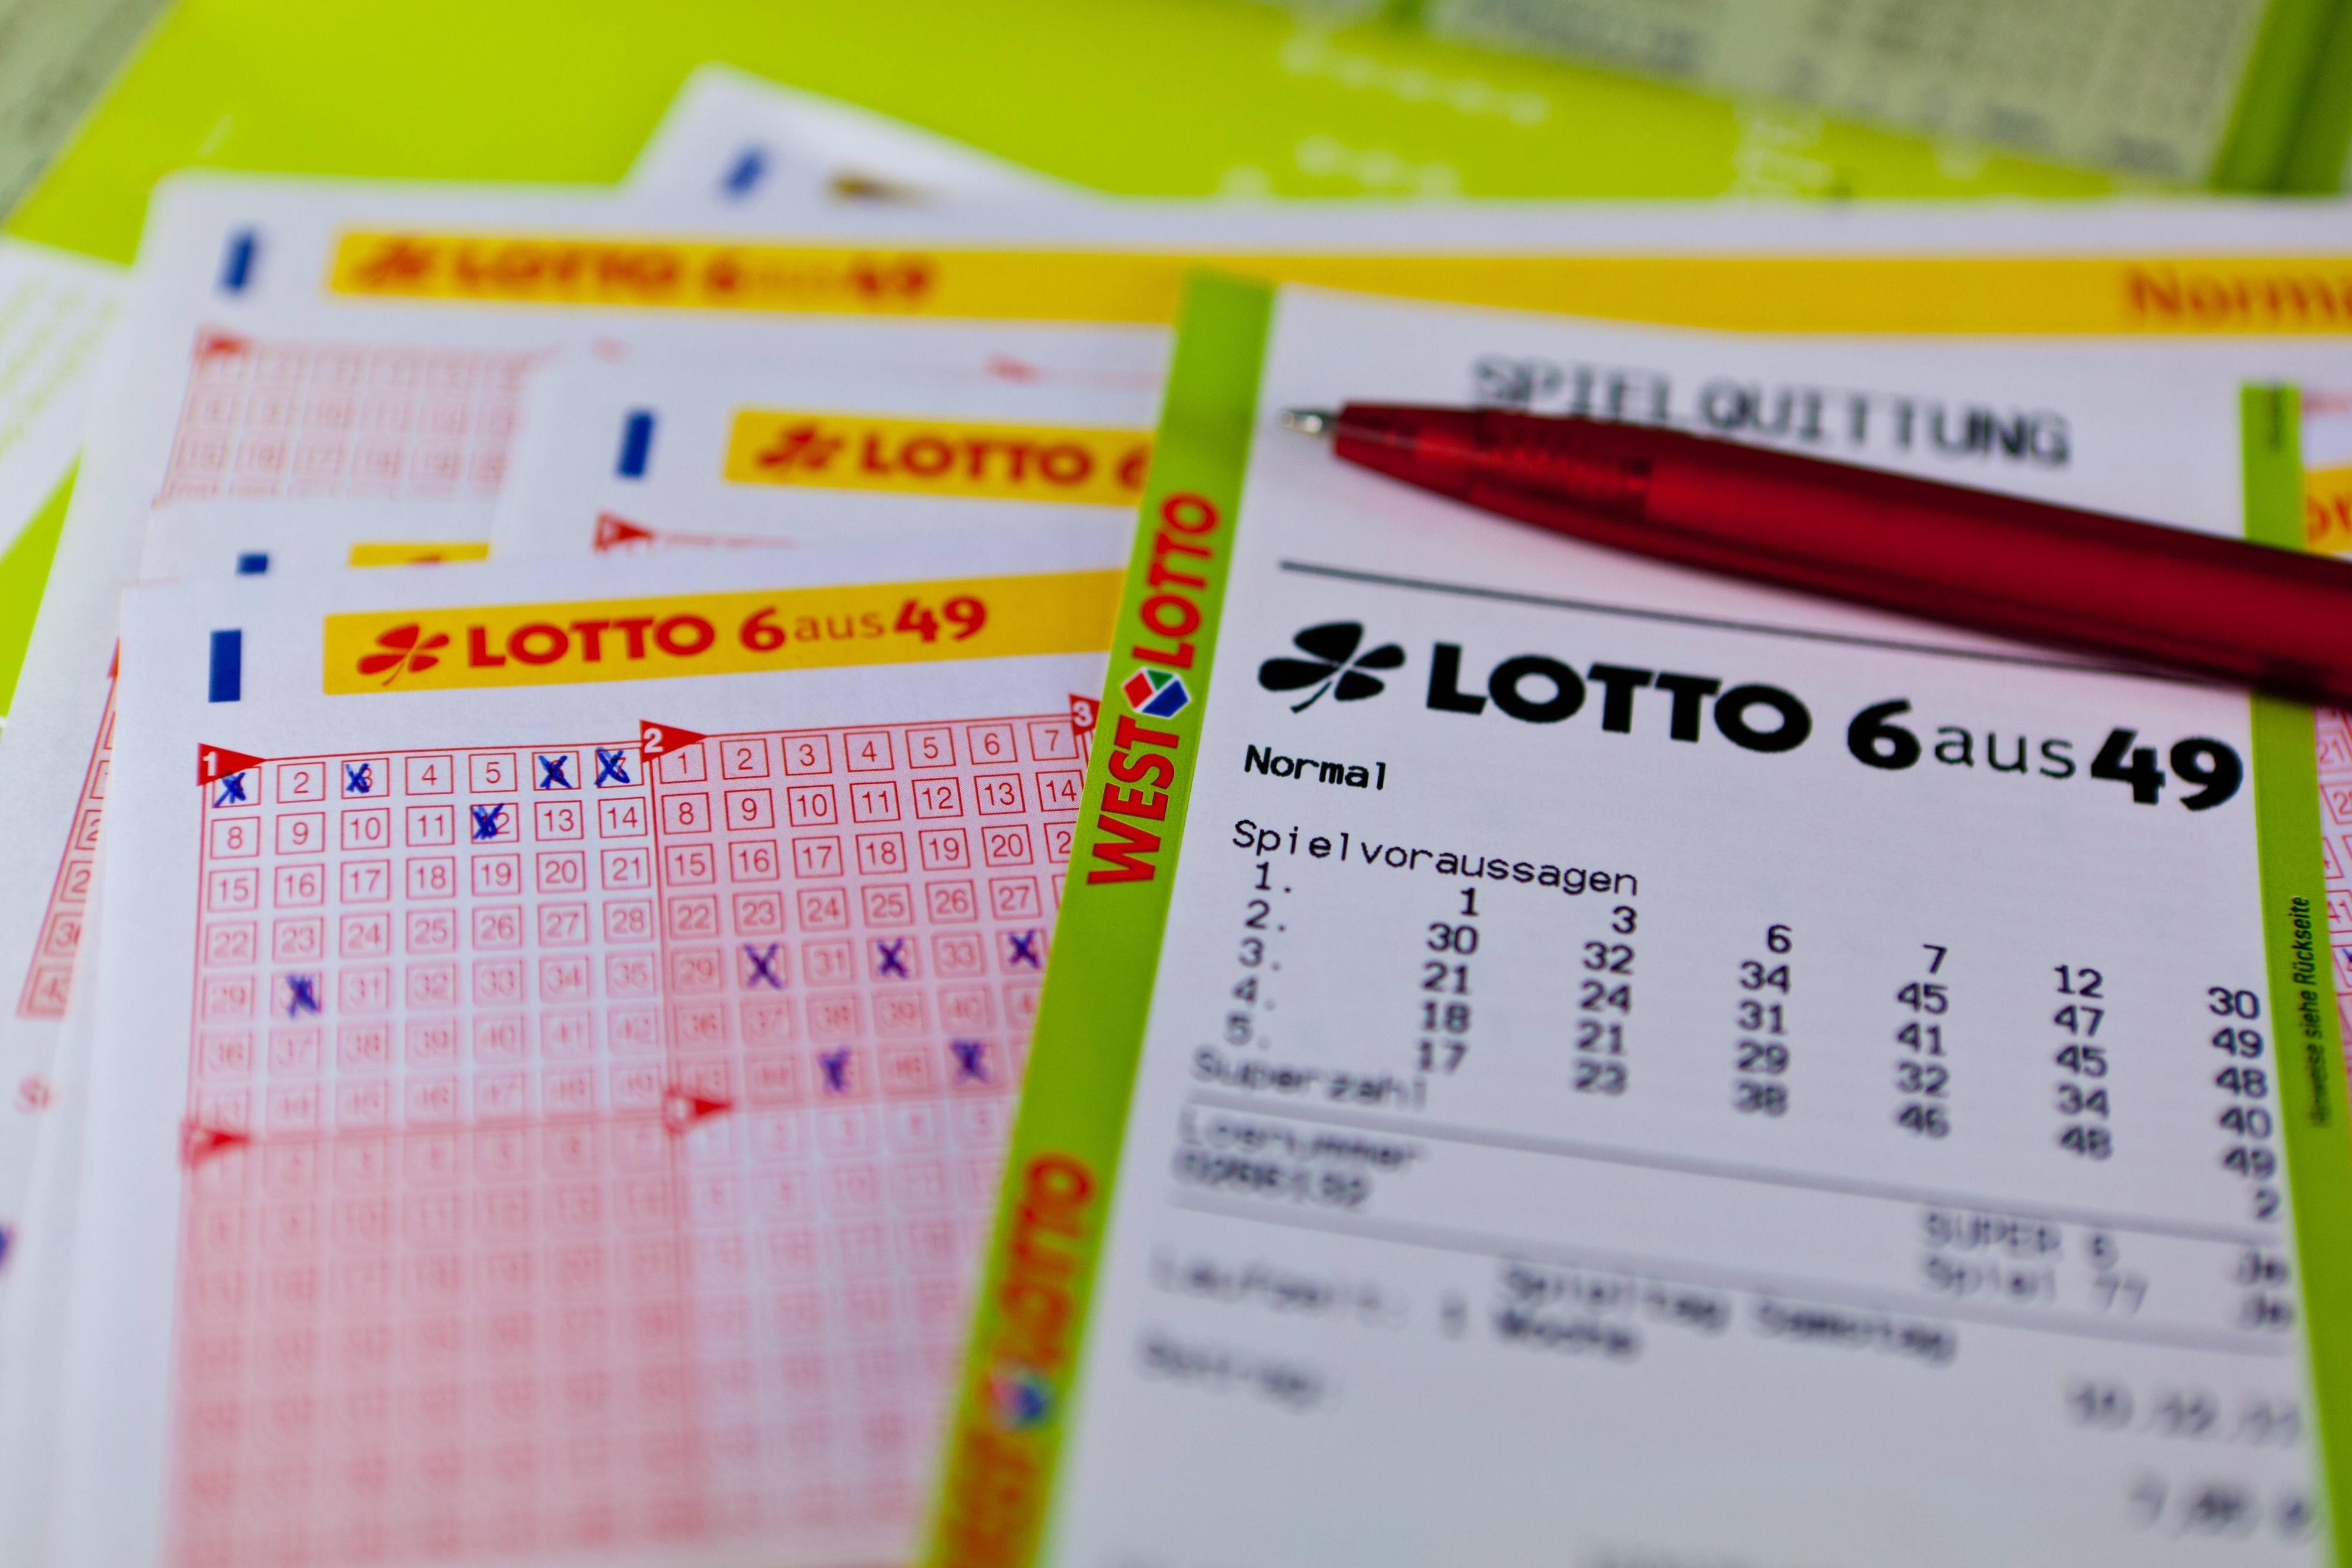 Lotto-Ziehung am Mittwoch: Das sind die aktuellen Gewinnzahlen